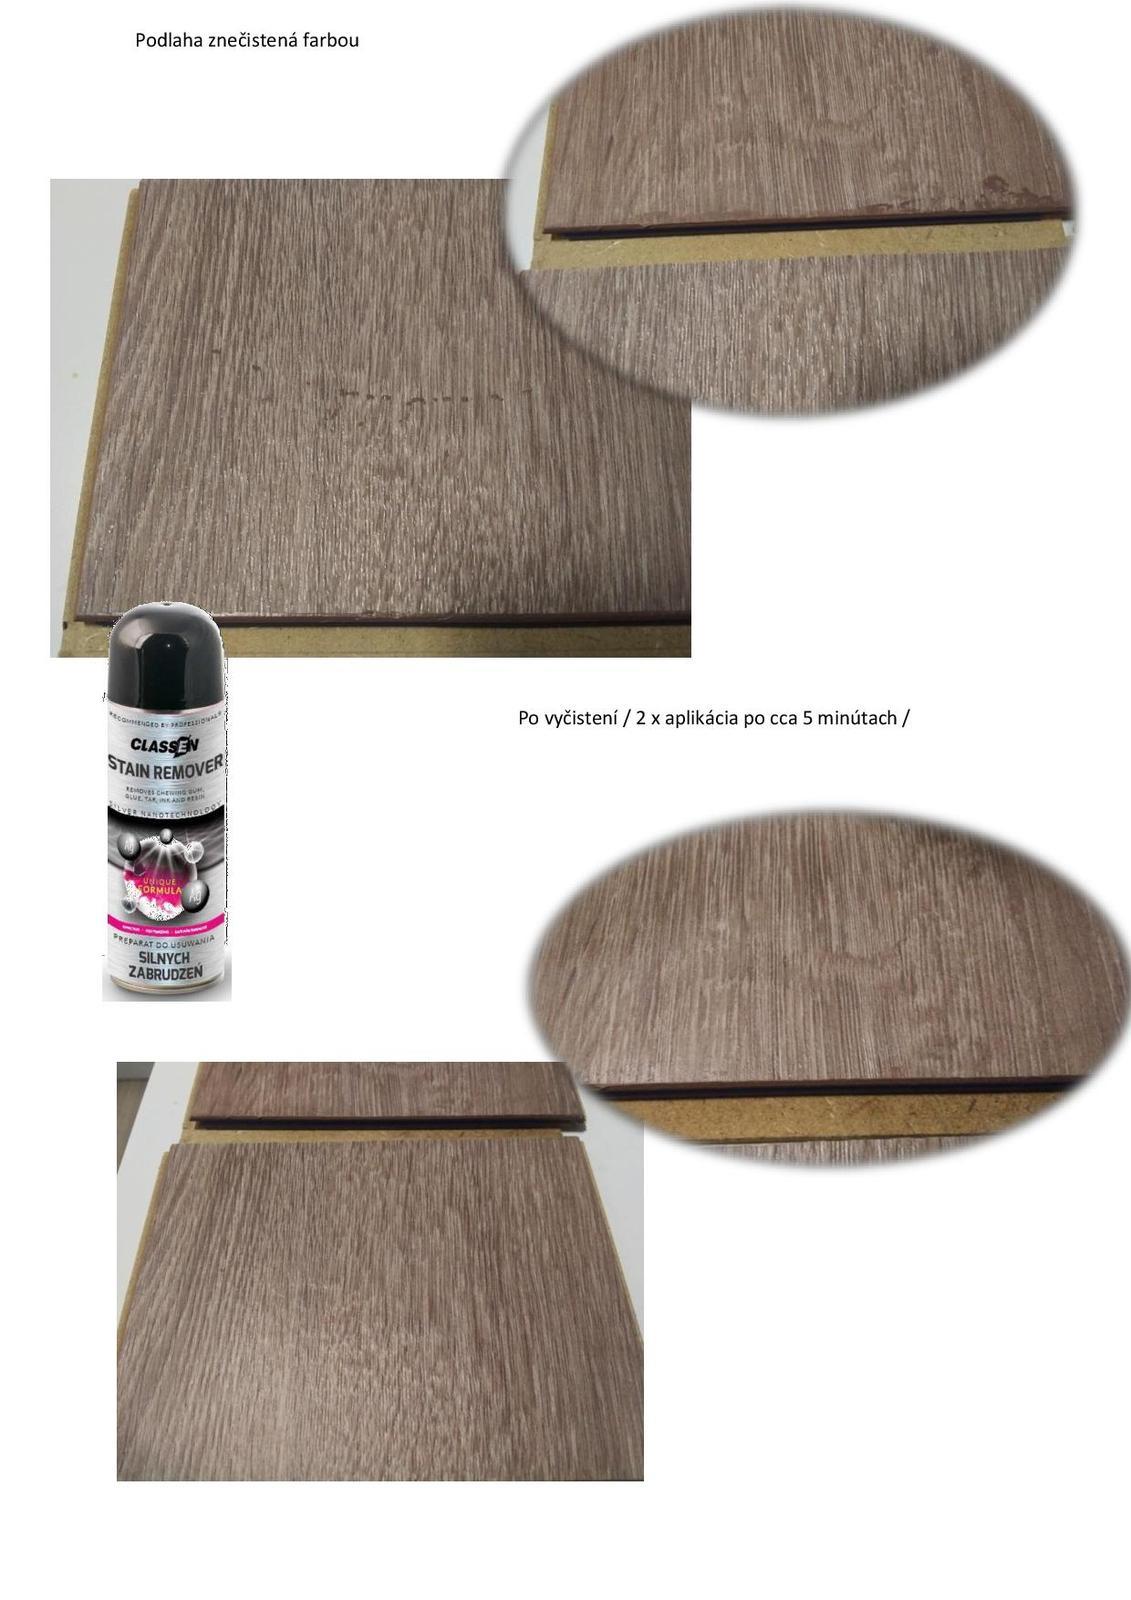 Špeciálny čistiaci prostriedok na podlahy - Obrázok č. 2